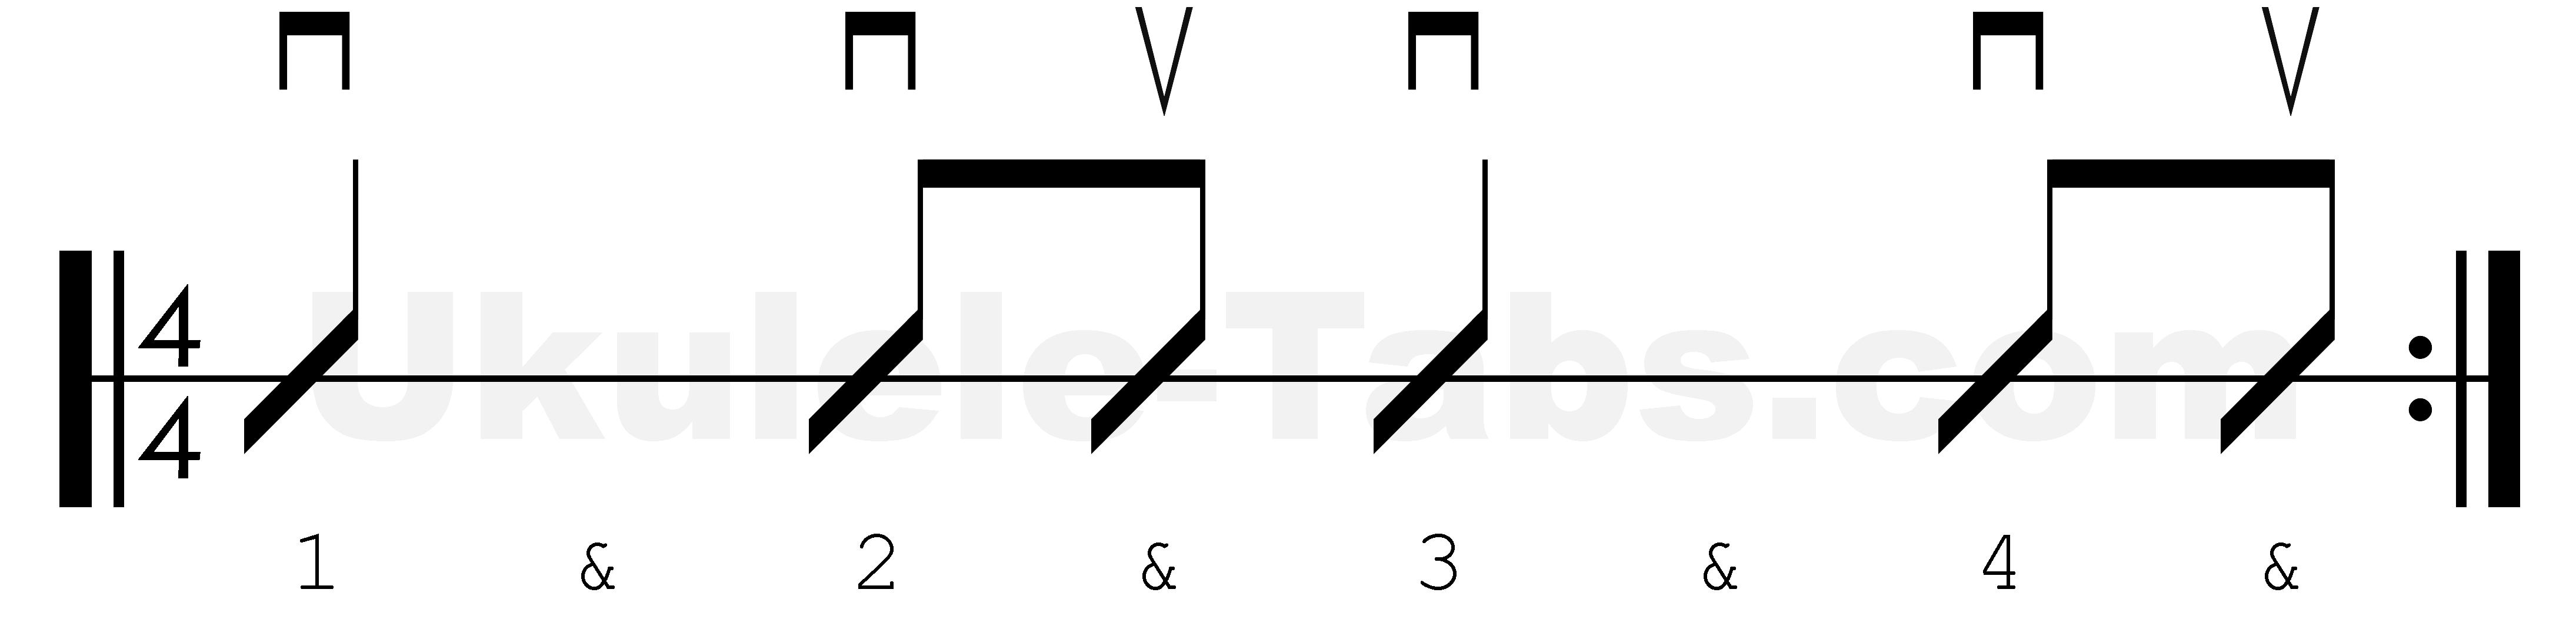 Ukulele strumming patterns